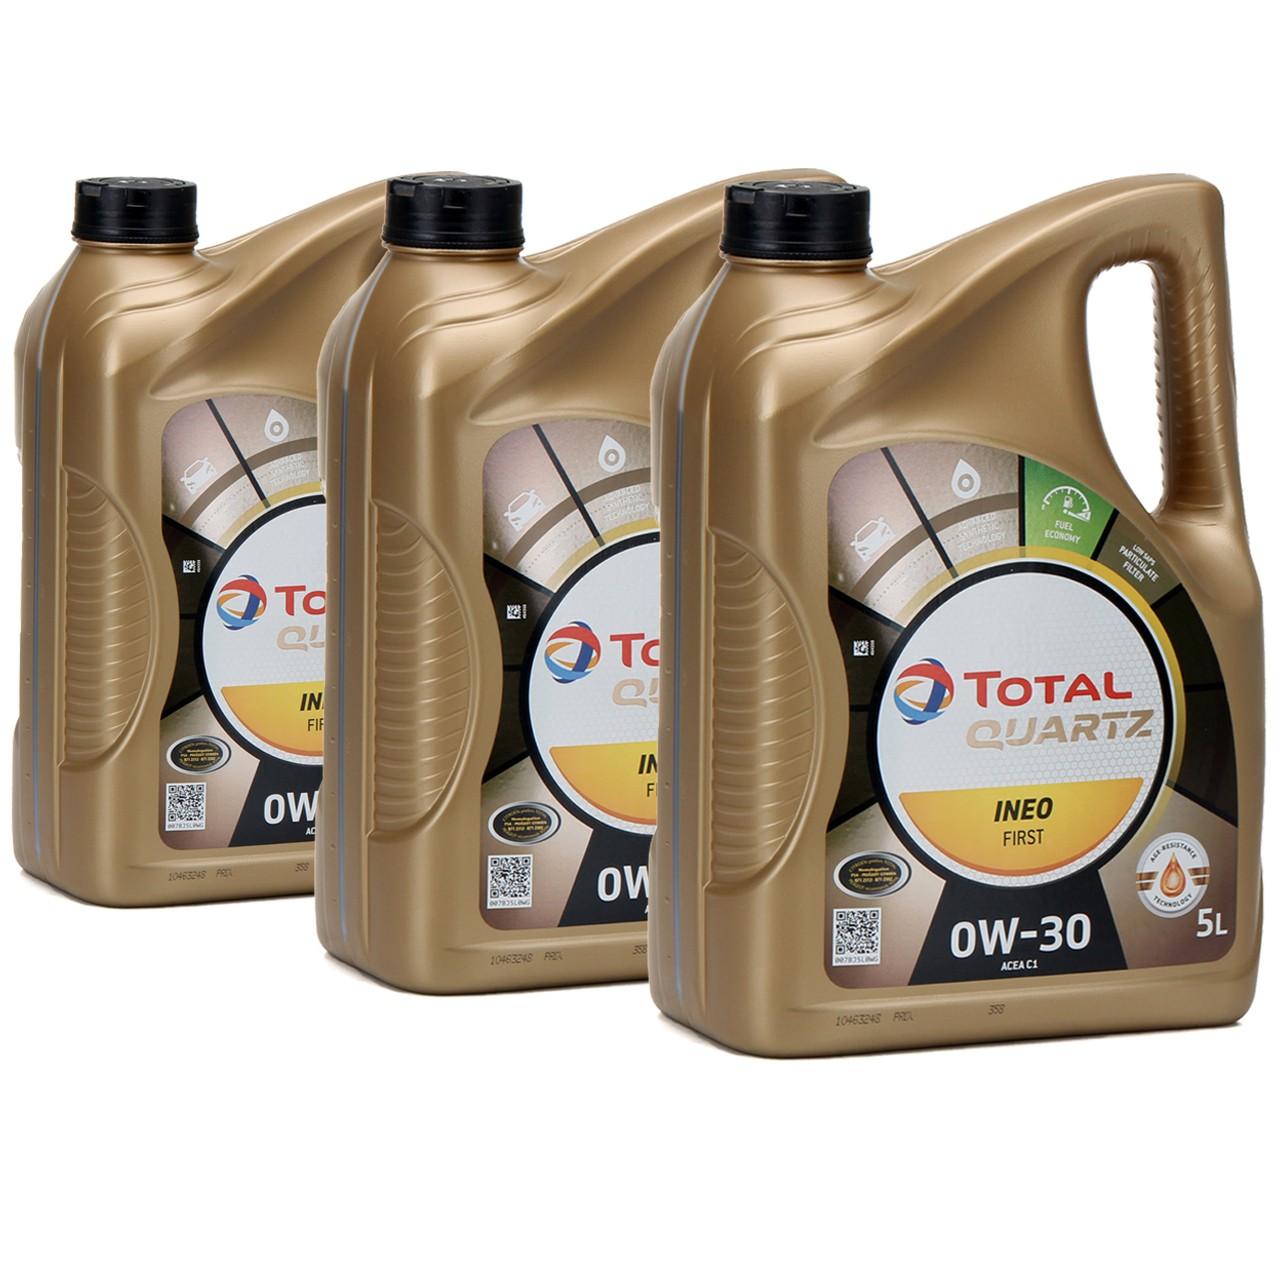 TOTAL QUARTZ INEO FIRST Motoröl Öl 0W-30 ACEA C1 C2 PSA B71 2312 - 15L 15 Liter